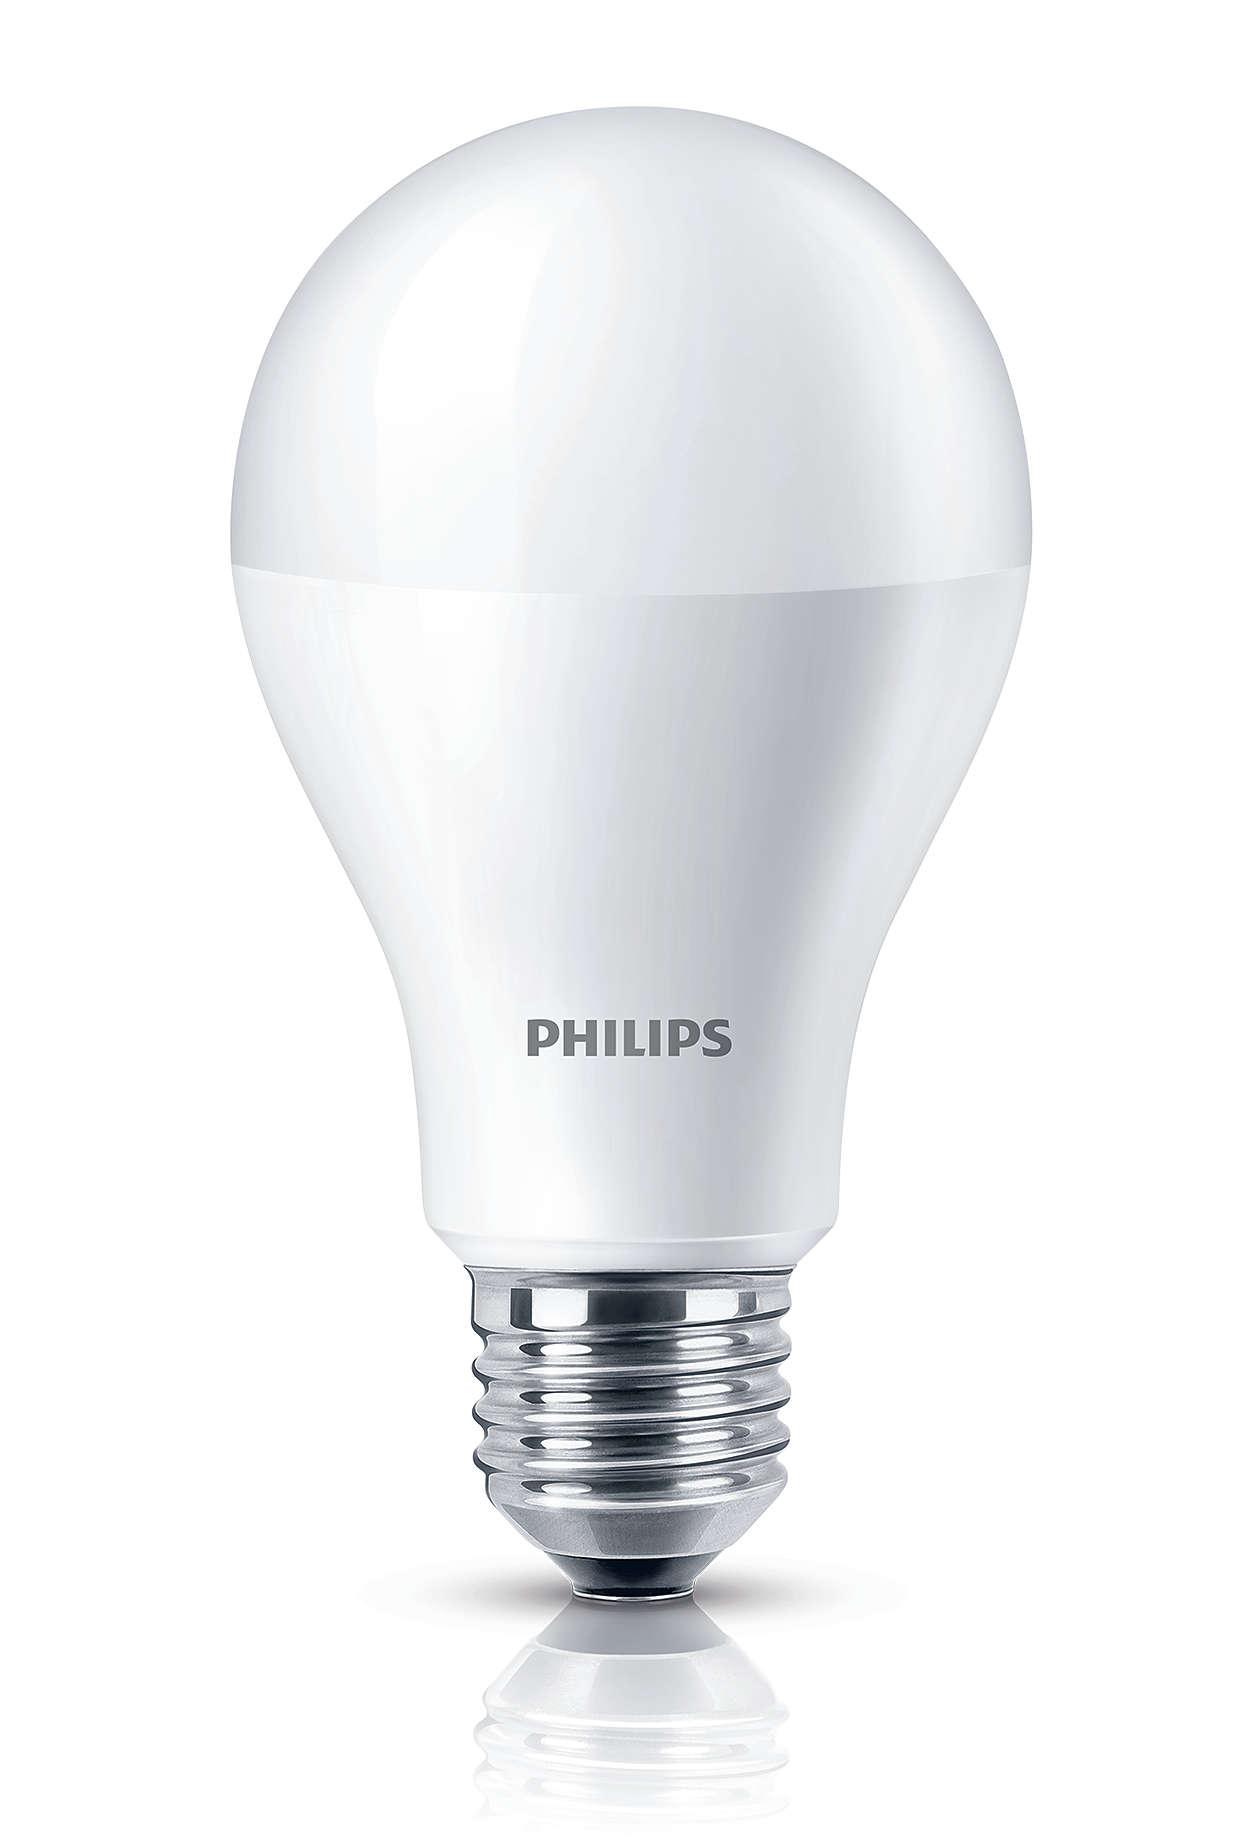 Iluminação de LED brilhante com excelente qualidade de luz